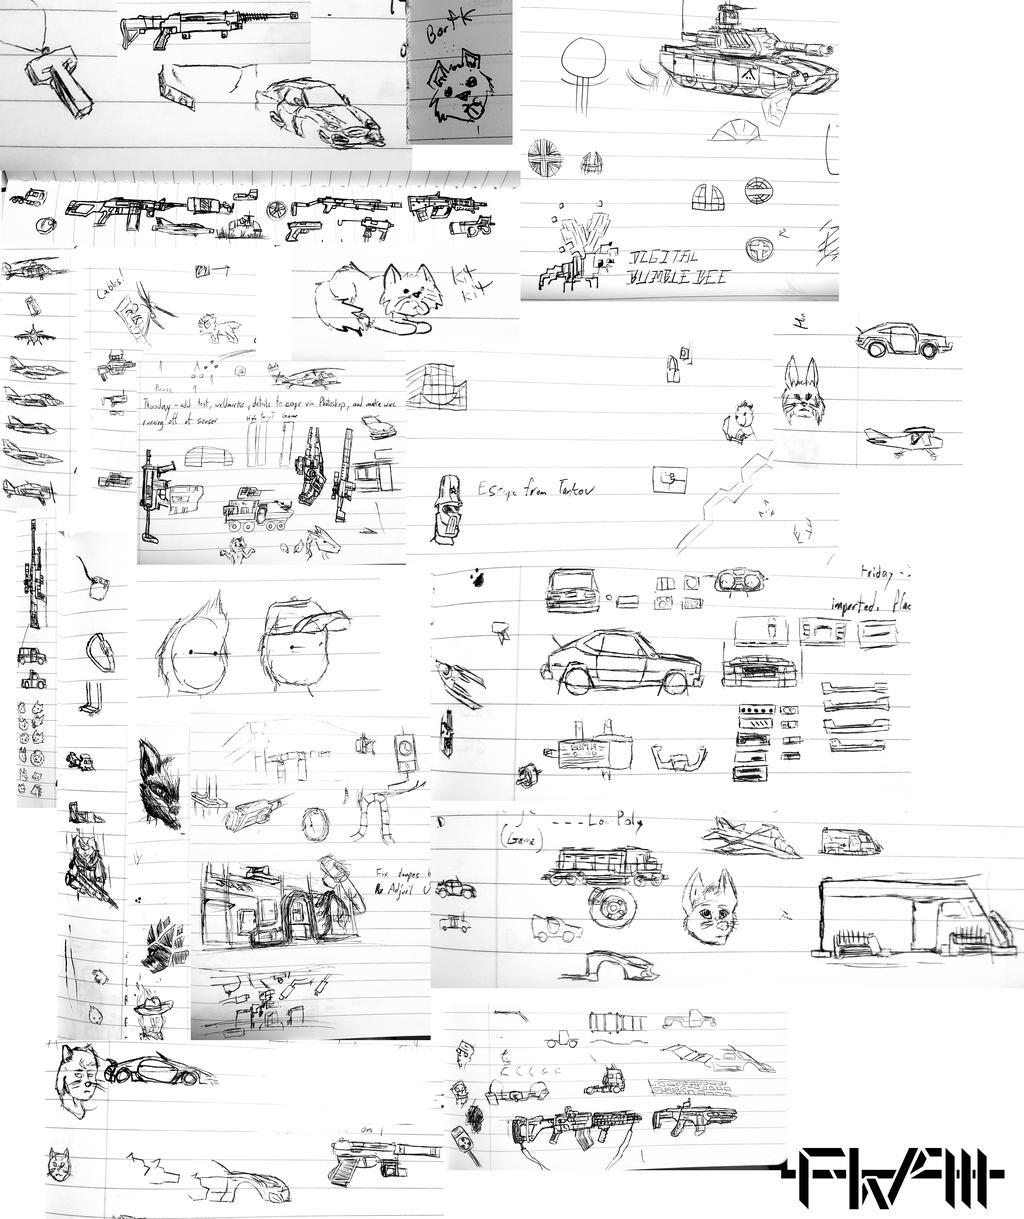 Workbook Sketches 02